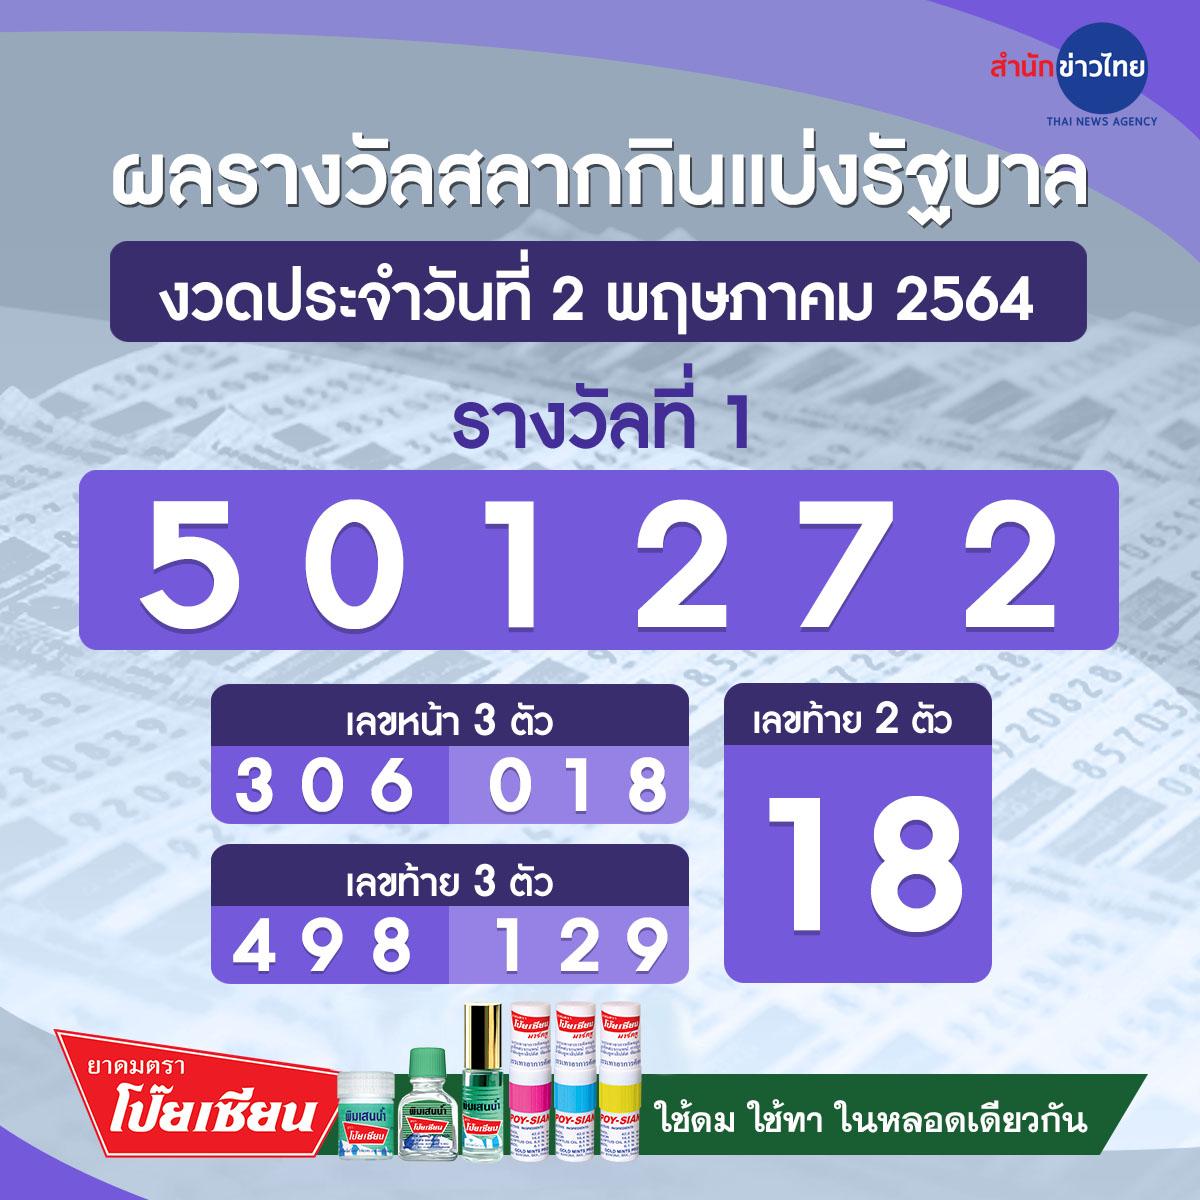 ผลรางวัลสลากกินแบ่งรัฐบาล งวดวันที่ 2 พฤษภาคม 2564 - สำนักข่าวไทย อสมท